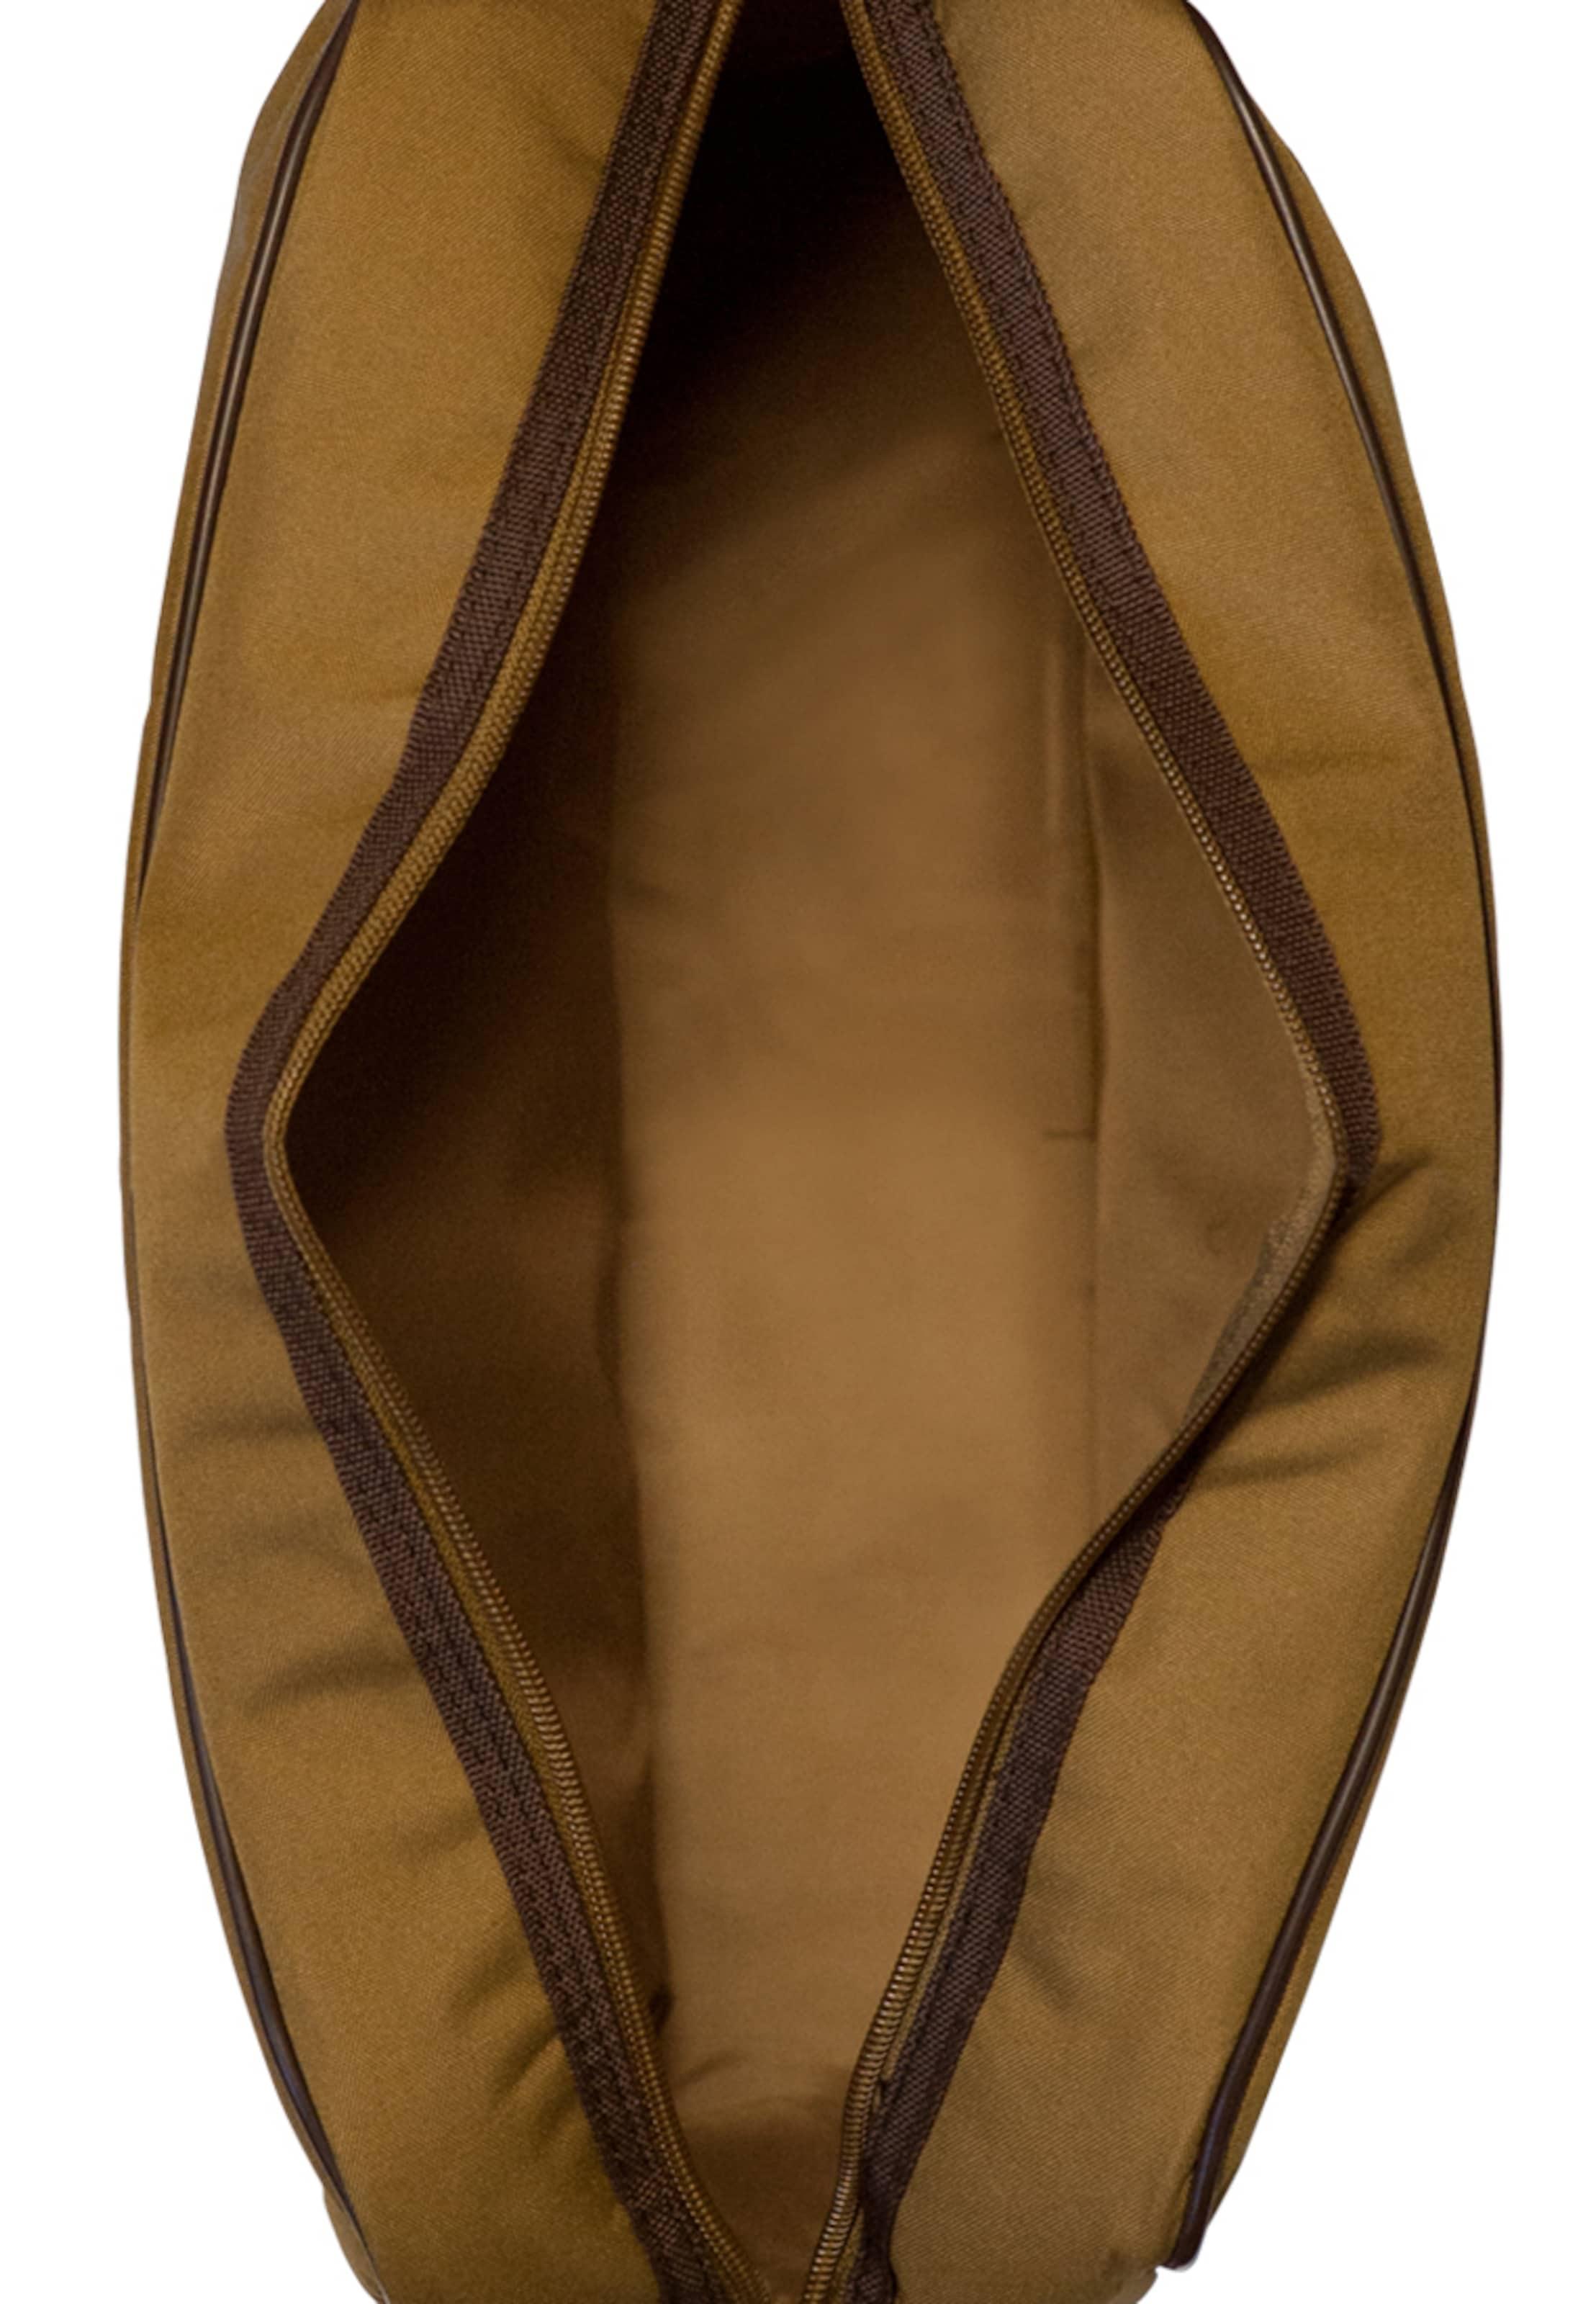 Billig Verkauf Eastbay LOGOSHIRT Tasche 'Target' Billig Vorbestellung Bester Verkauf Zum Verkauf KHWC7Kt0LP